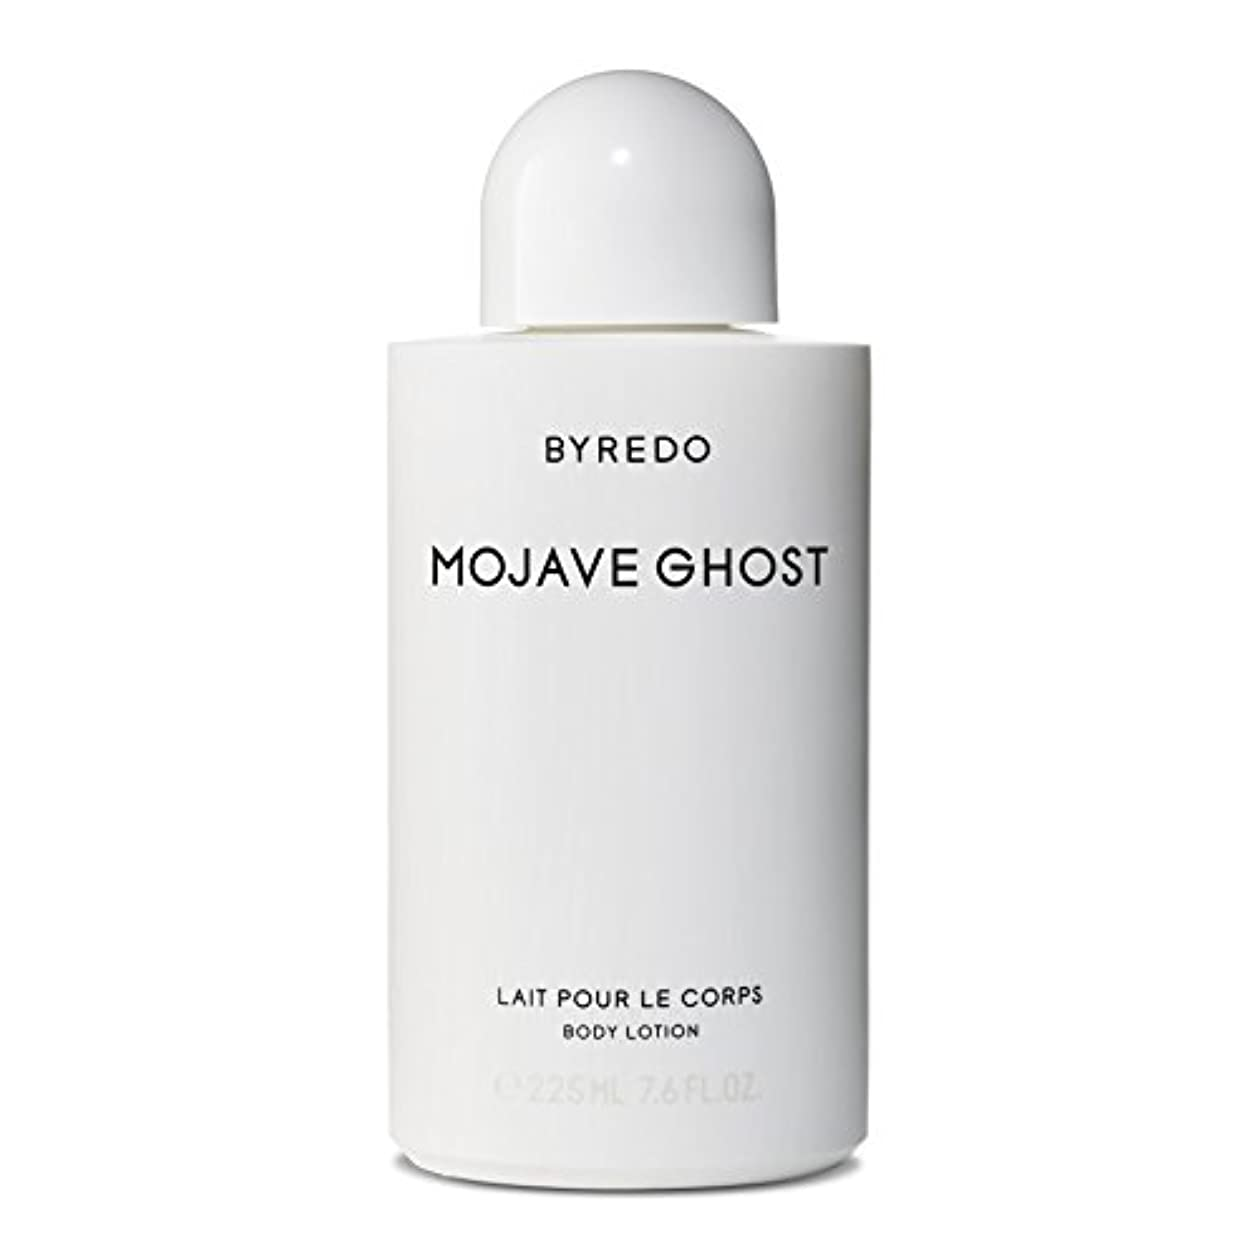 深くクローゼットそっとByredo Mojave Ghost Body Lotion - モハーベゴーストボディローション [並行輸入品]